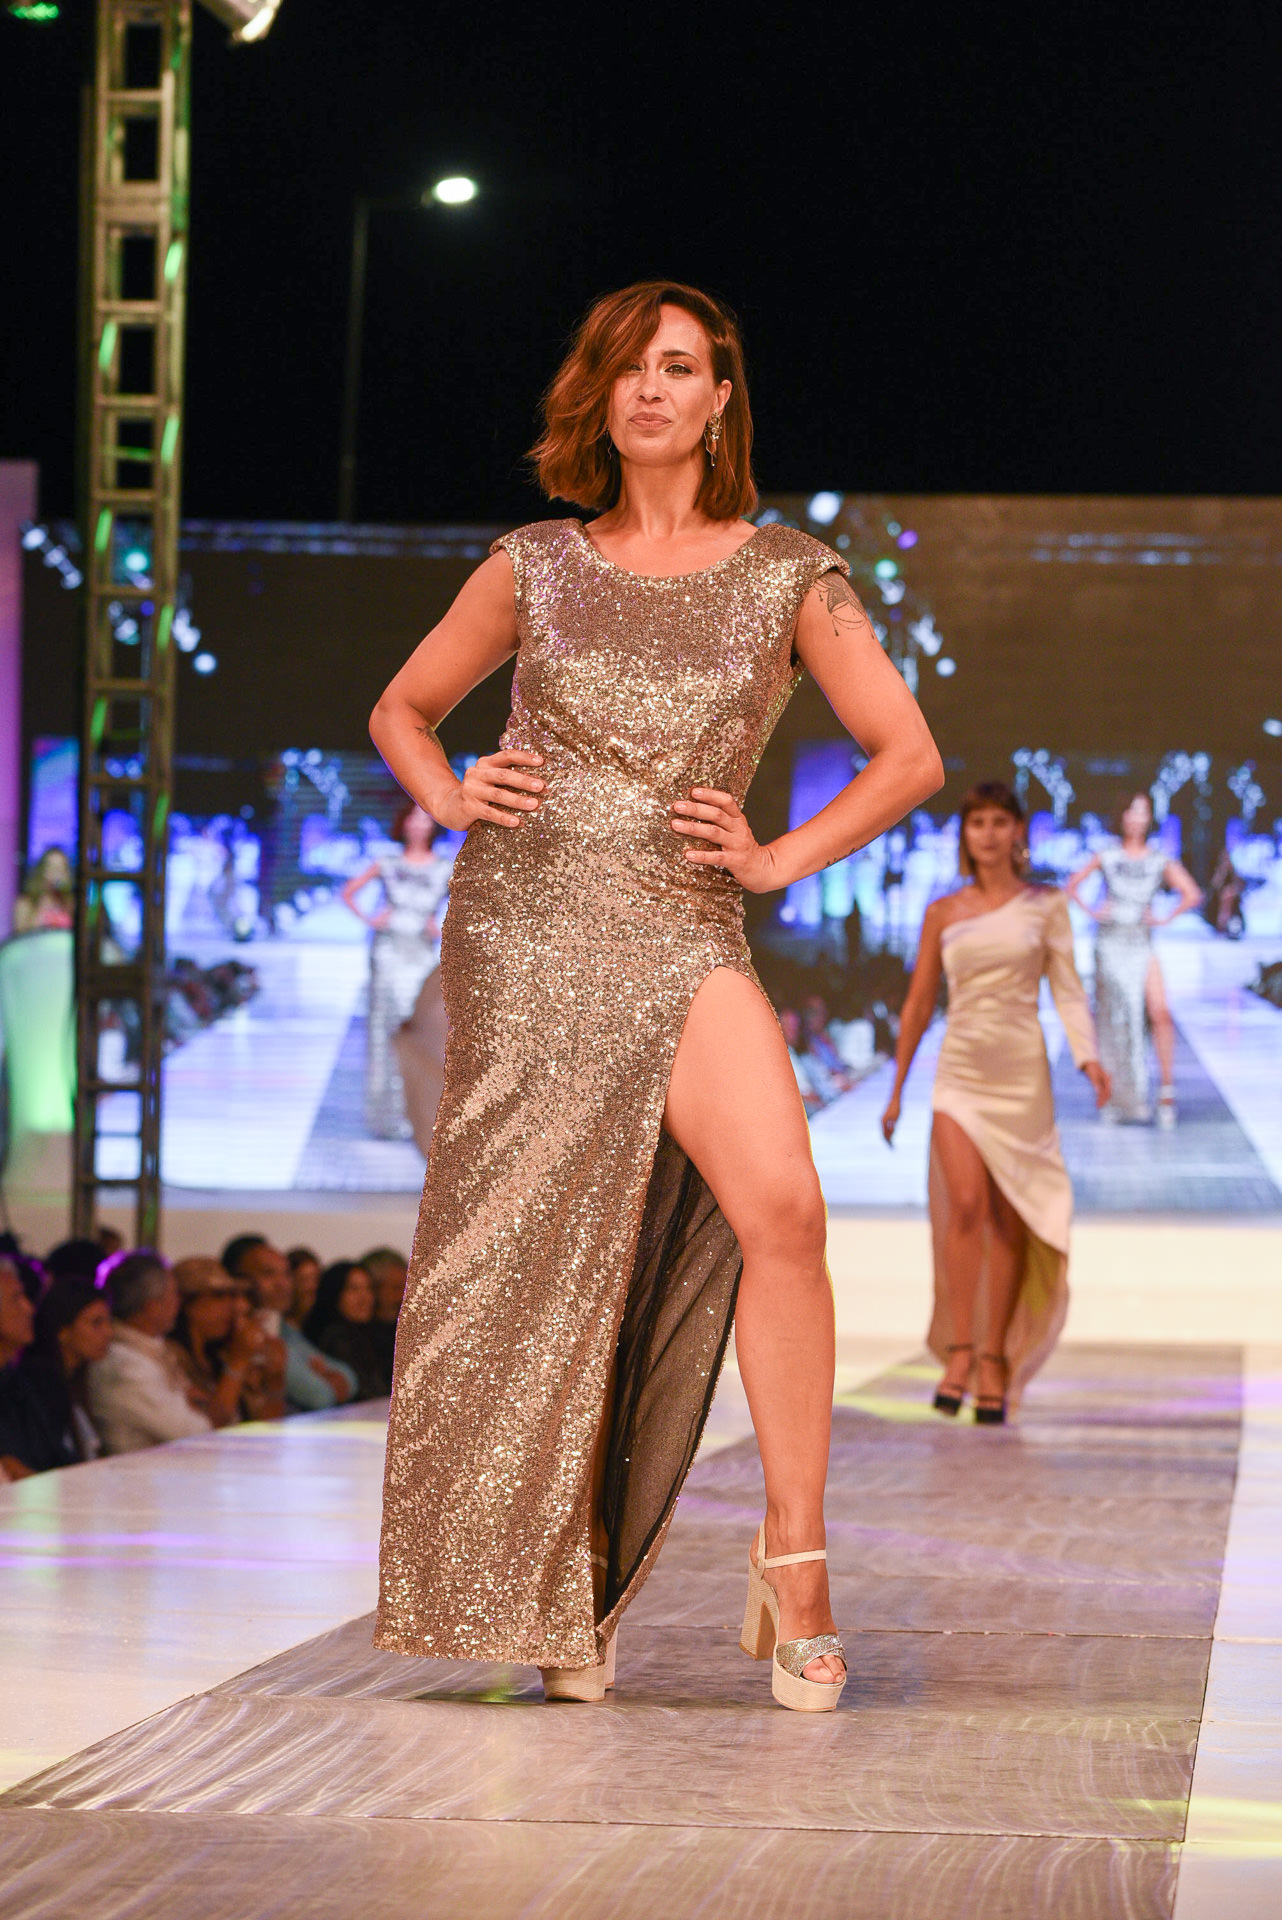 La periodista Josefina Pouso dio el presente en la pasarela luciendo un vestido de paillettes